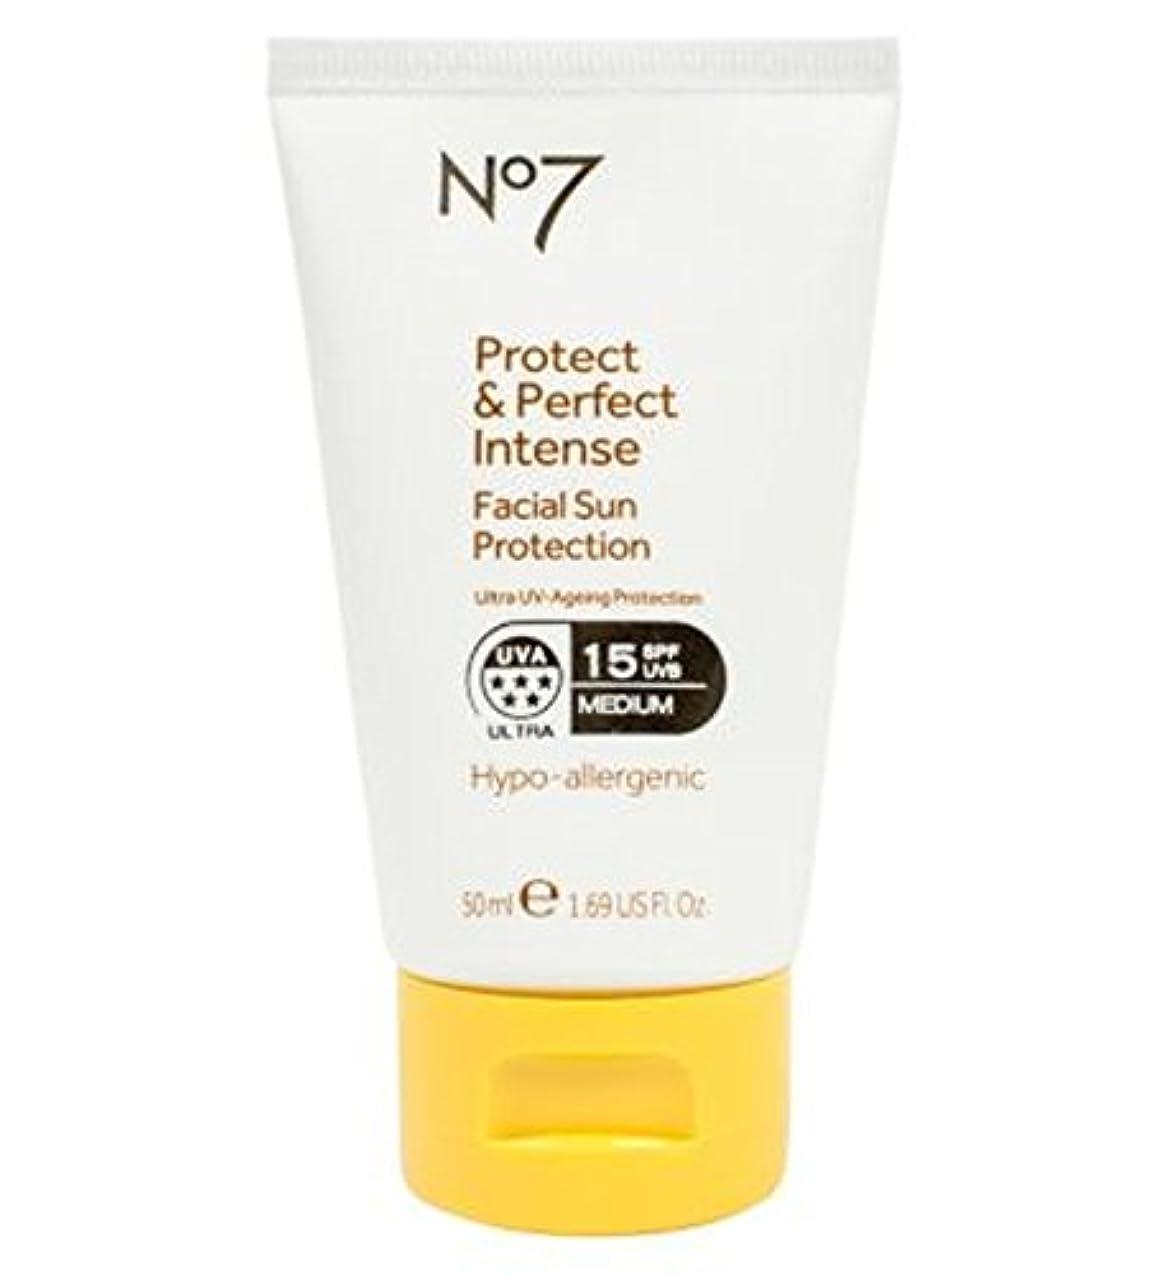 時折分離架空のNo7保護&完璧な強烈な顔の日焼け防止Spf 15 50ミリリットル (No7) (x2) - No7 Protect & Perfect Intense Facial Sun Protection SPF 15 50ml (Pack of 2) [並行輸入品]